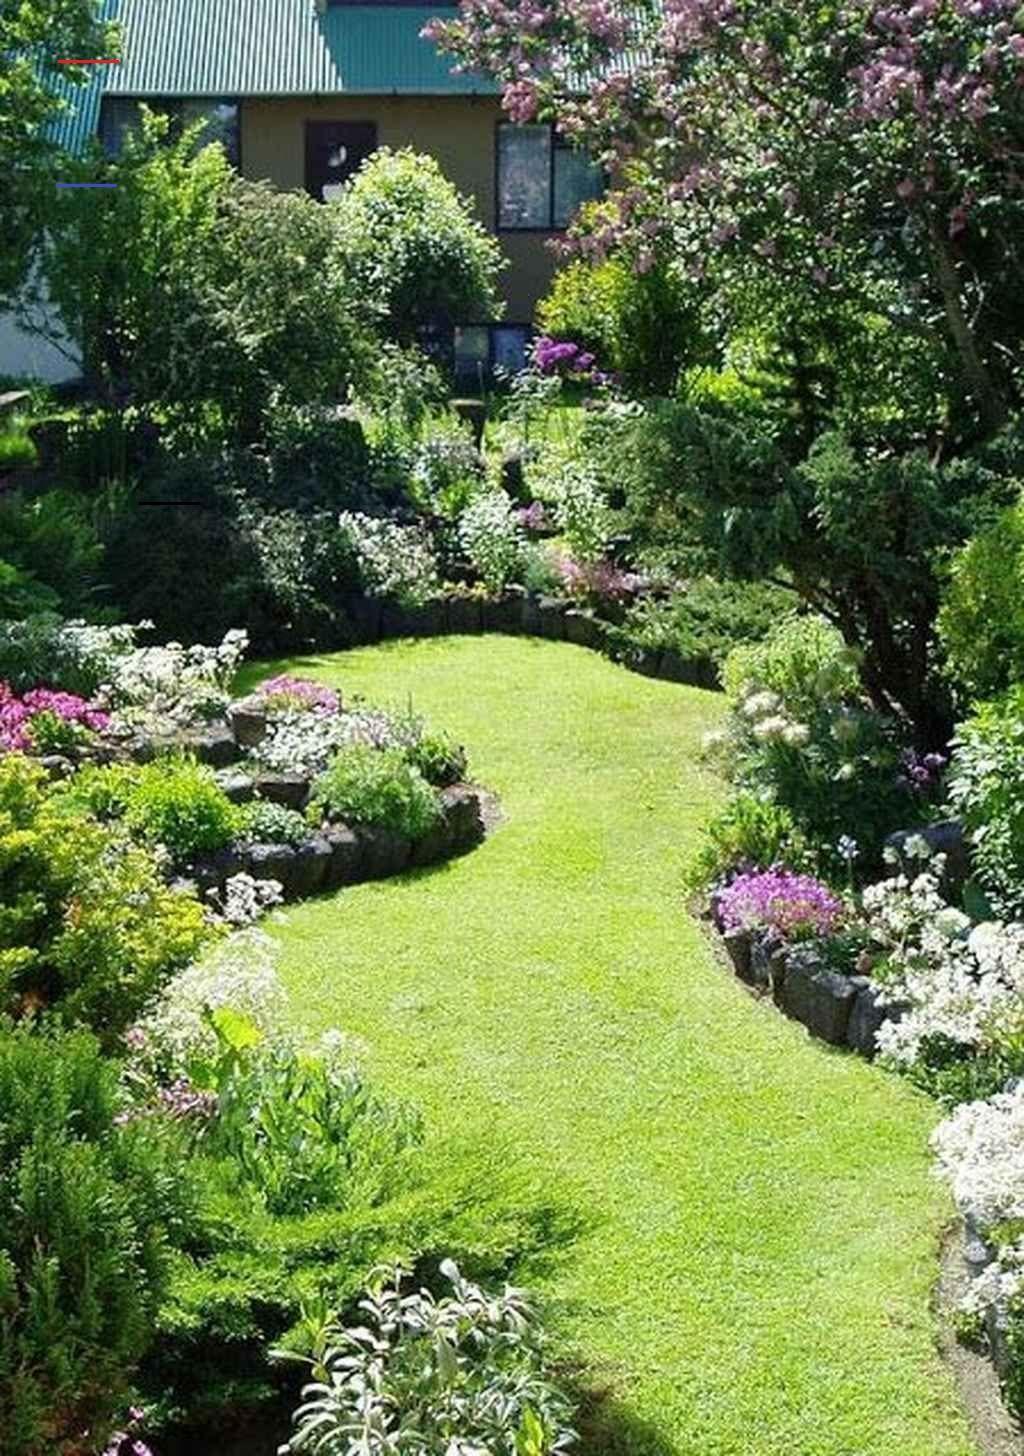 36 Erstaunlich Cottage Garden Design Ideen Smallgardenideas In 2020 Garten Landschaftsbau Gartengestaltung Garten Design